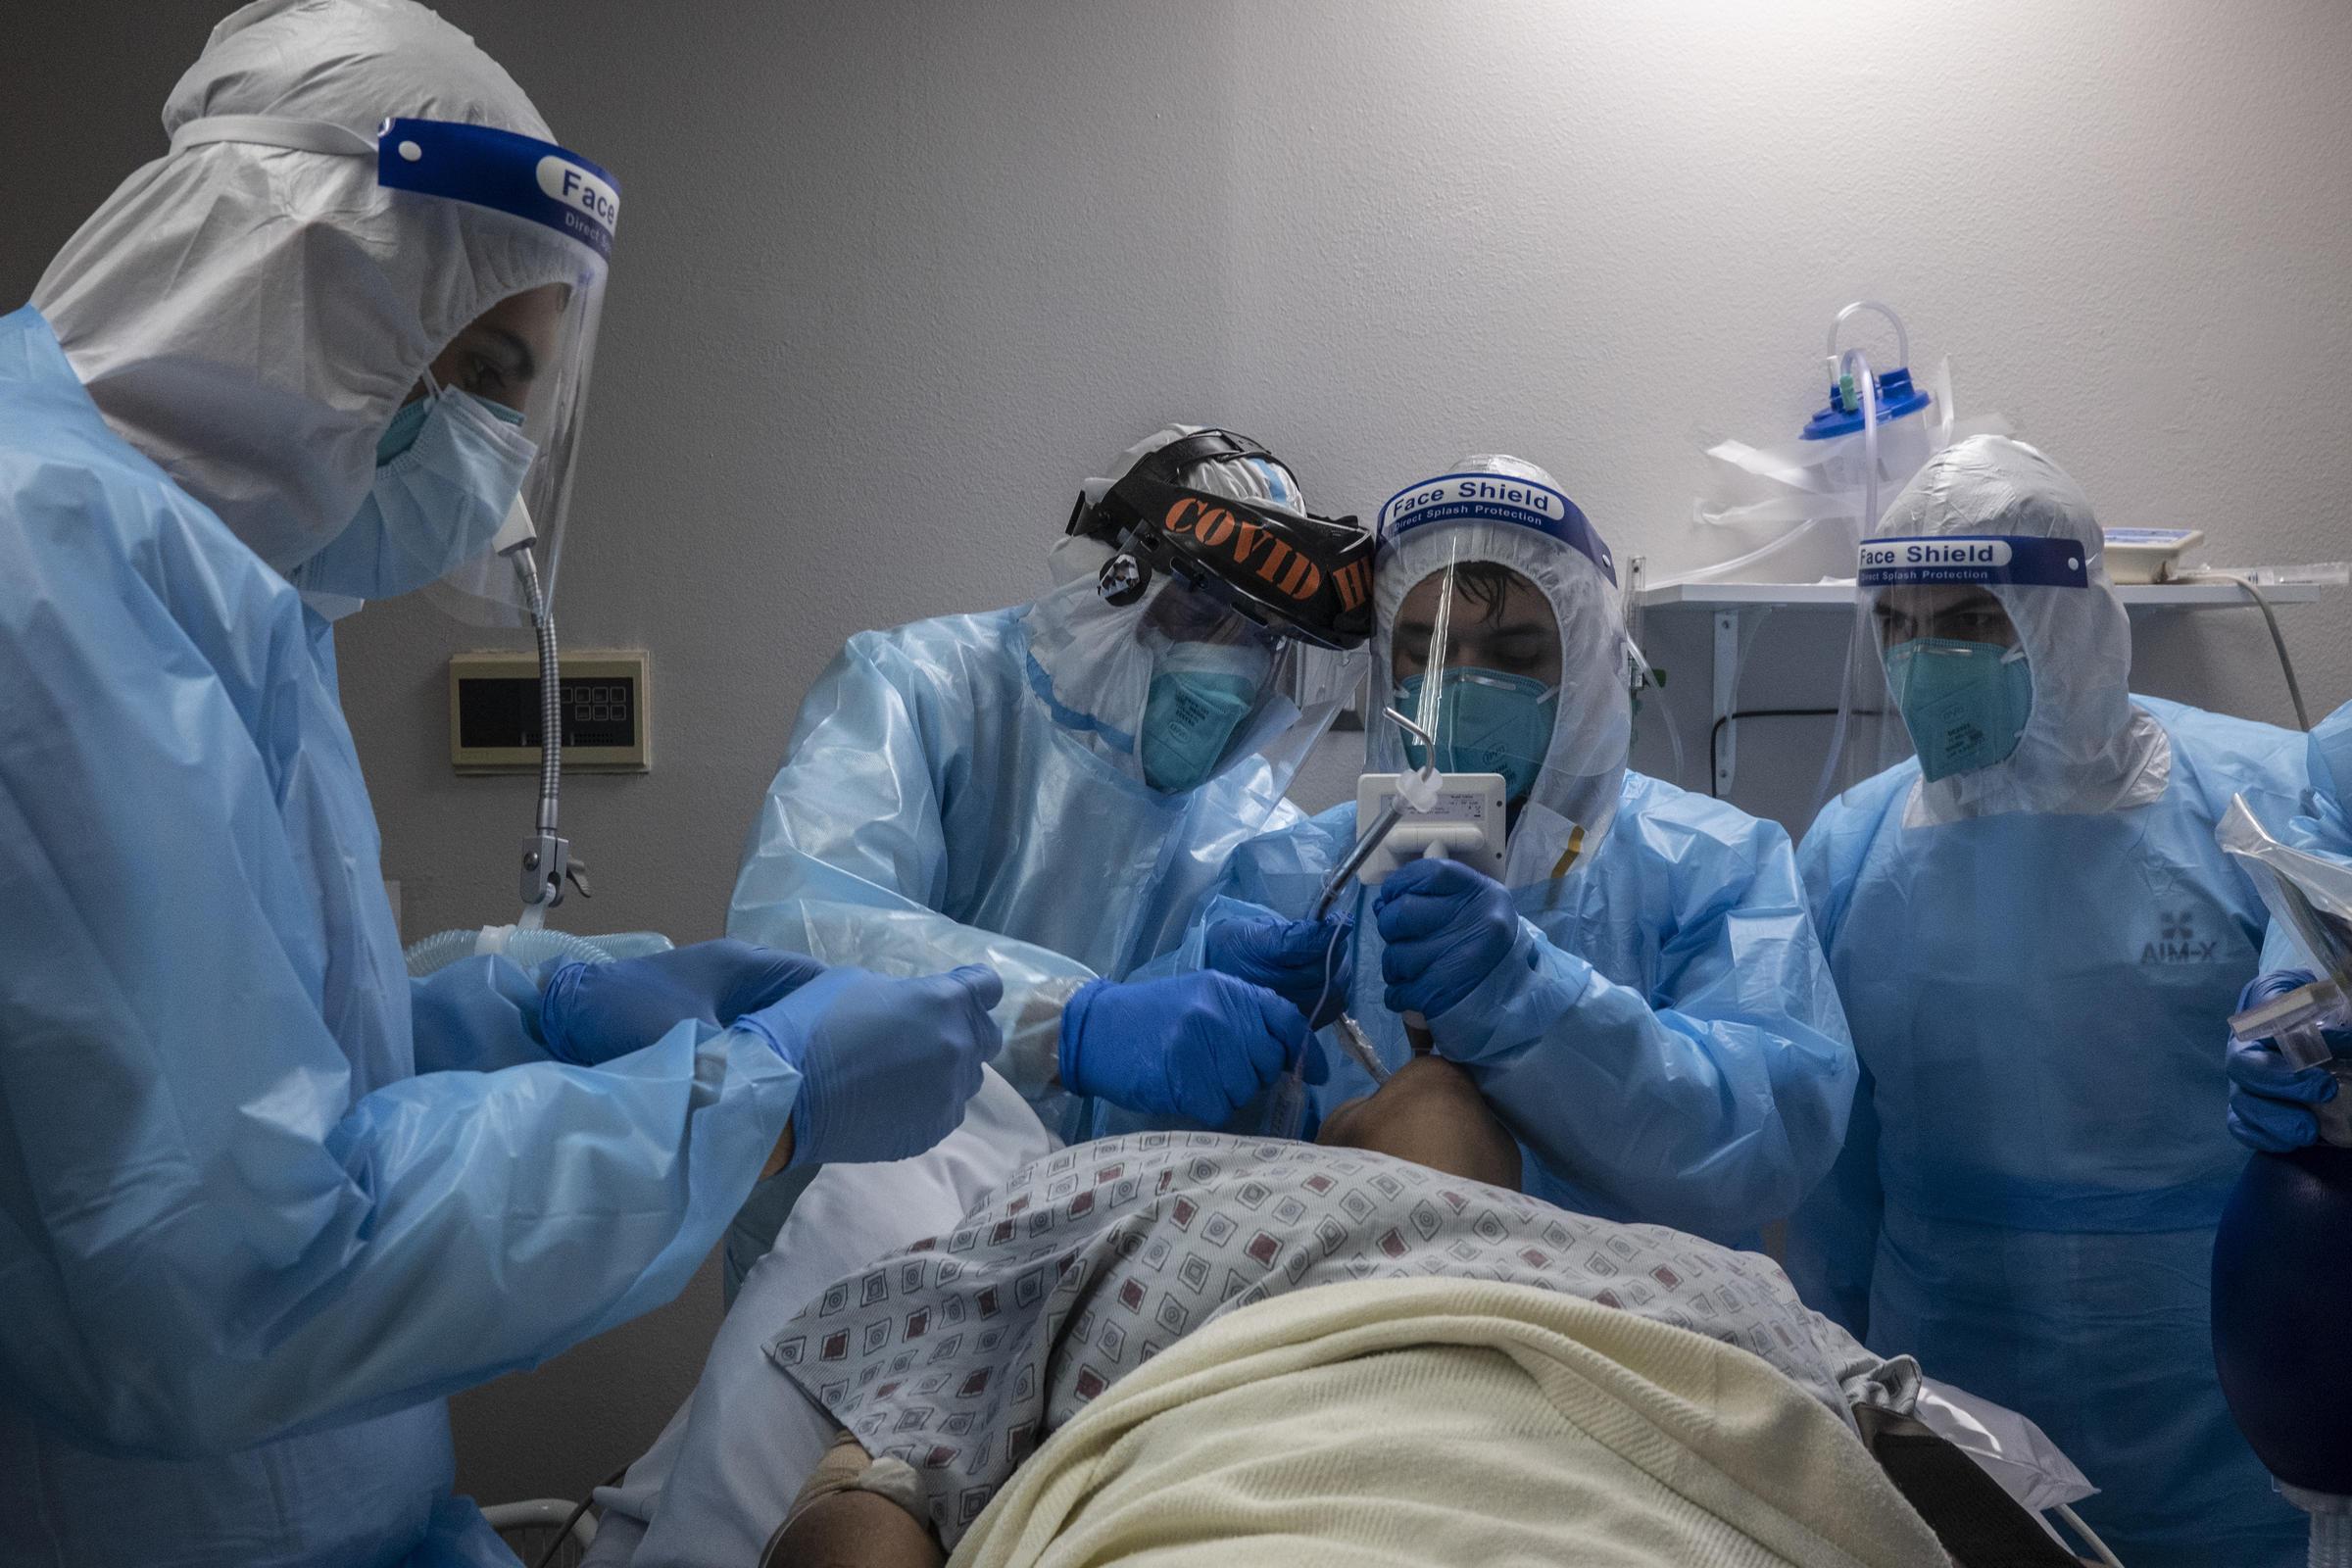 ΠΟΕΔΗΝ: Εκκενώνεται το νοσοκομείο «Ερυθρός Σταυρός» – Μόνο ασθενείς με κορονοϊό θα νοσηλεύει